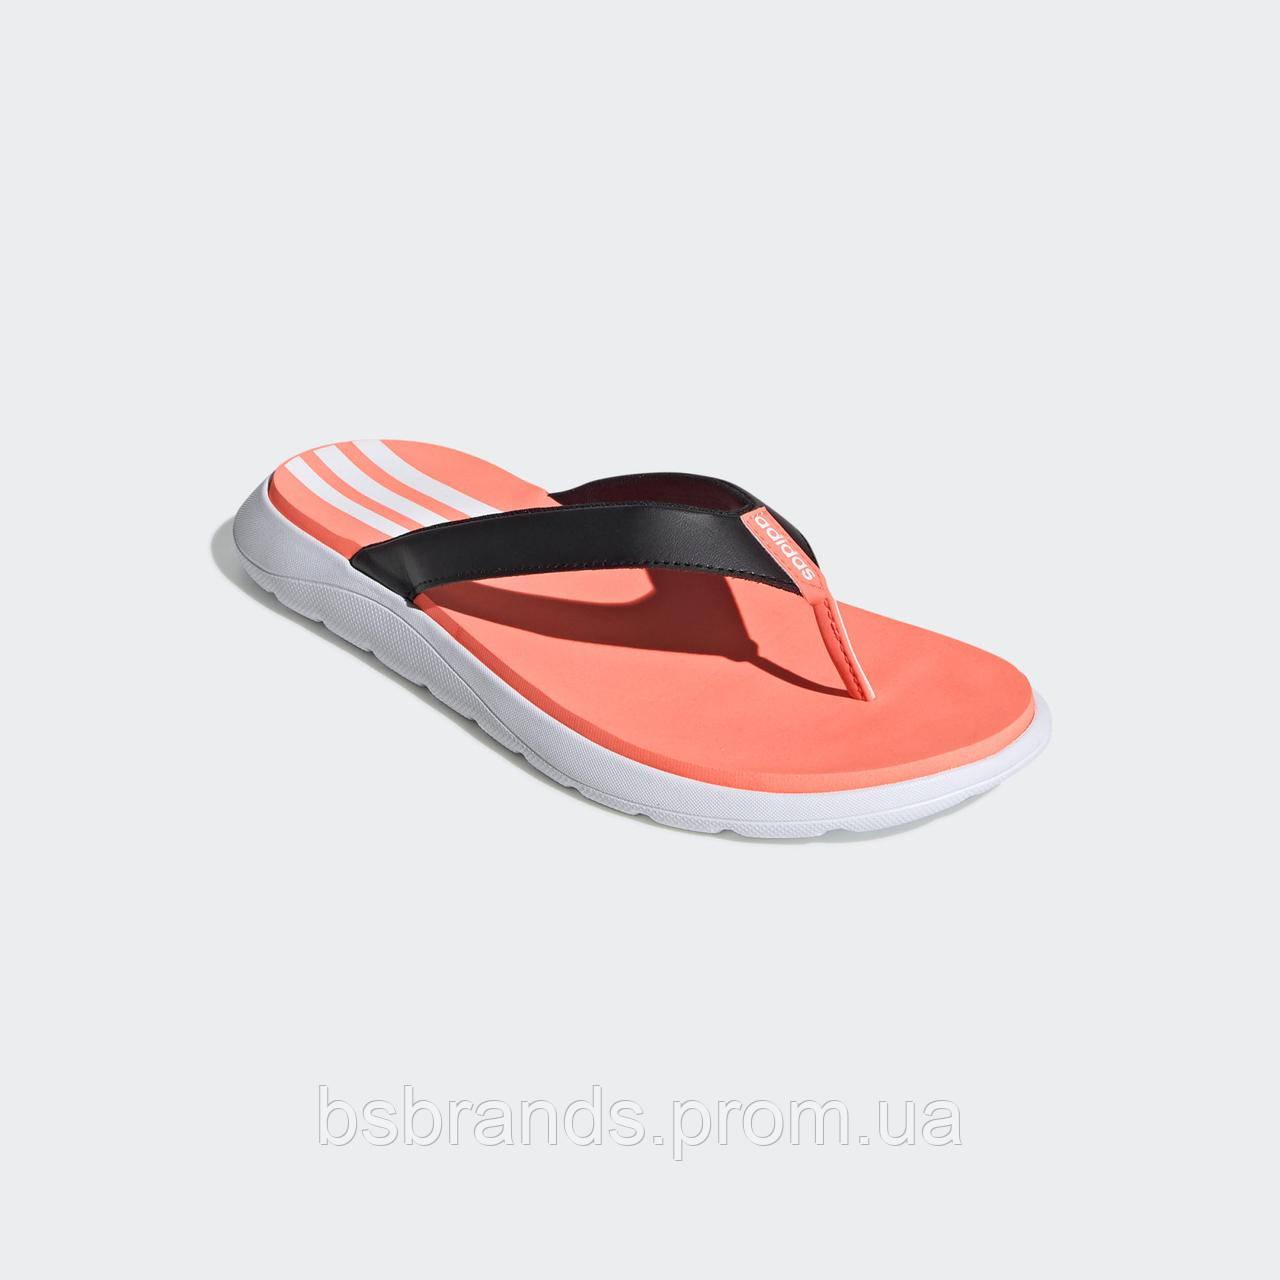 Женские сланцы adidas Comfort EG2064 (2020/1)